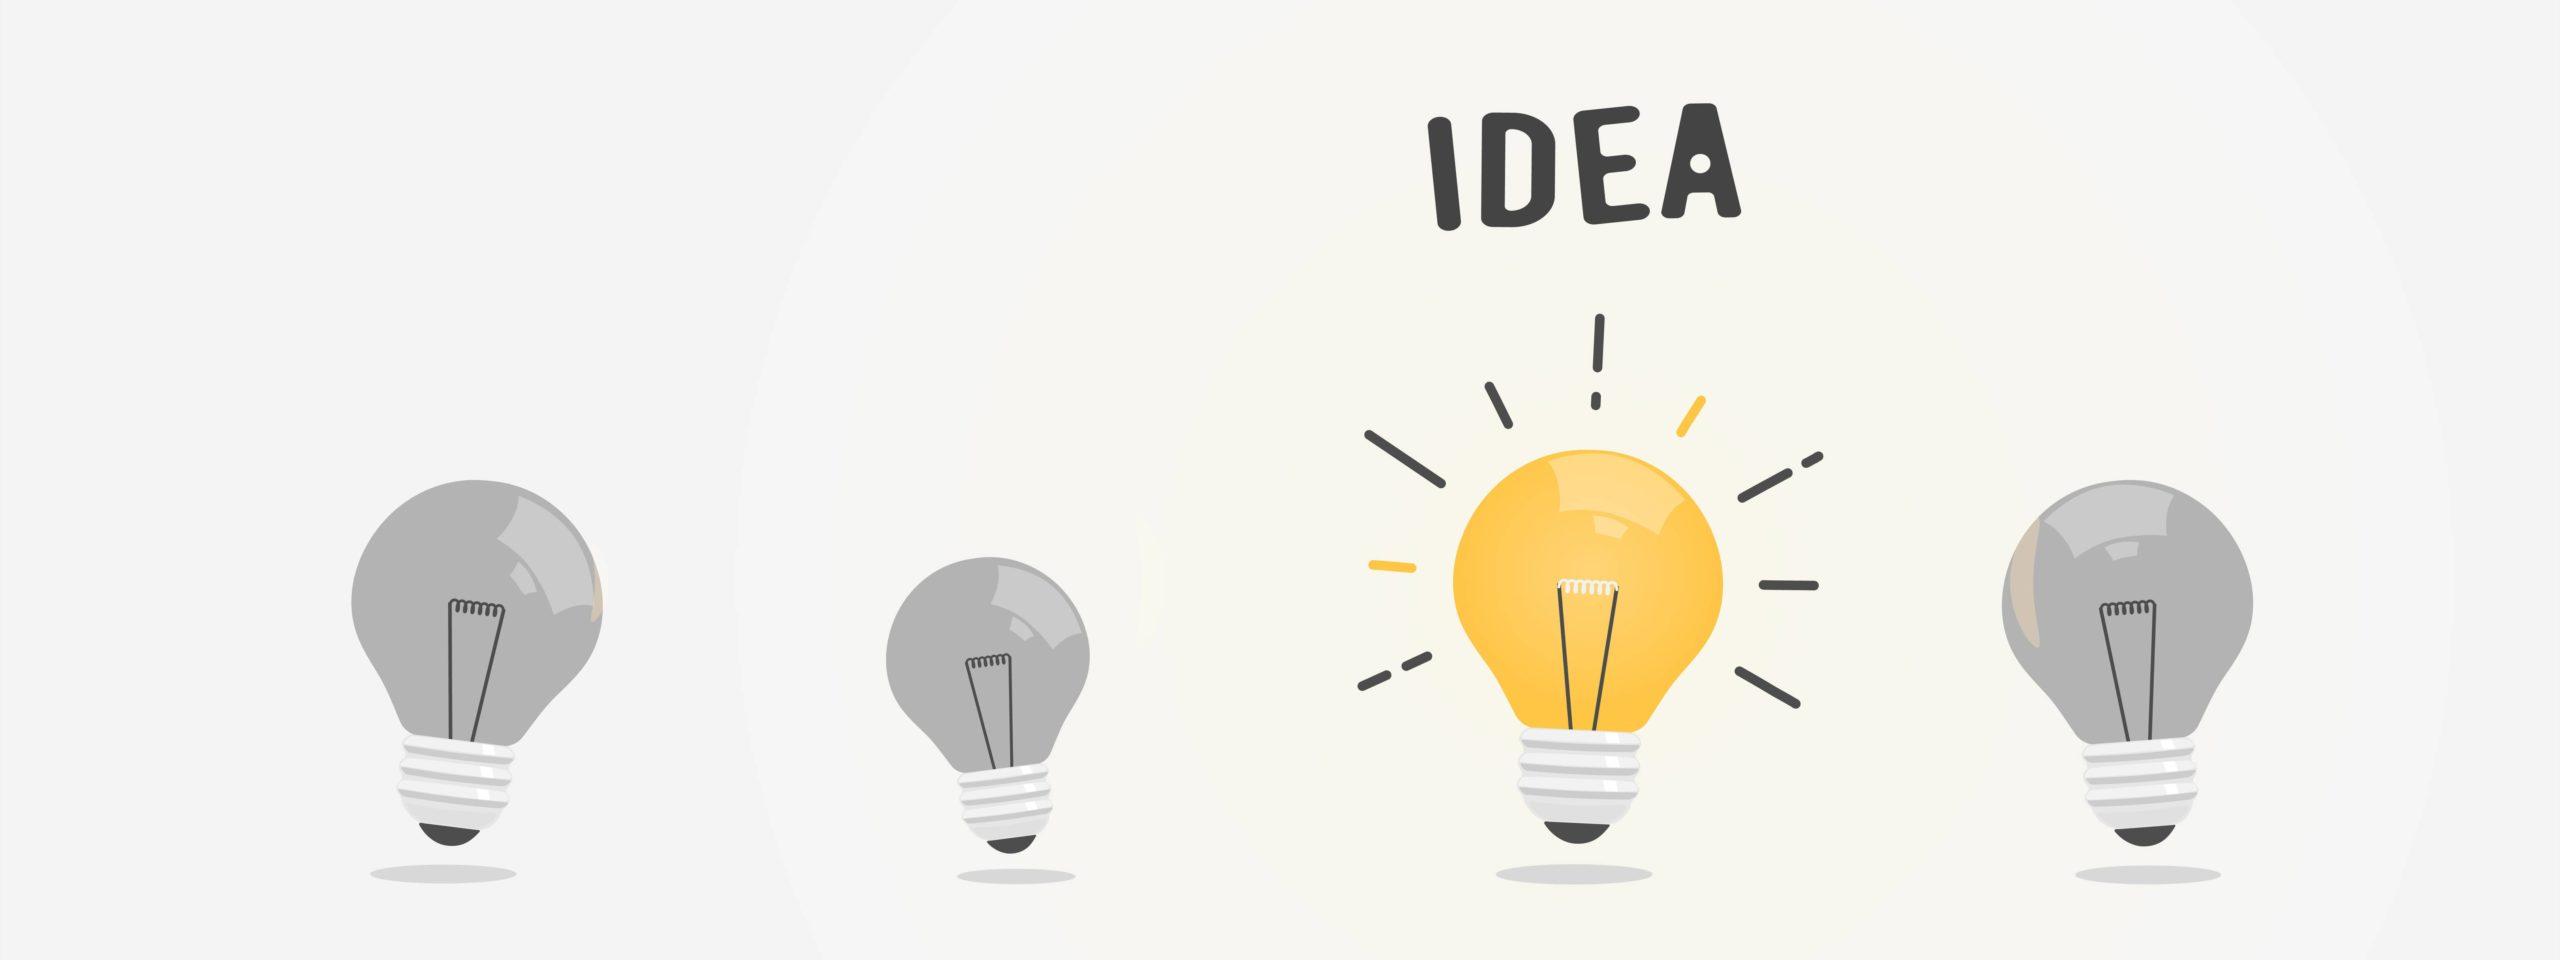 nouvelle idée imagée par une ampoule